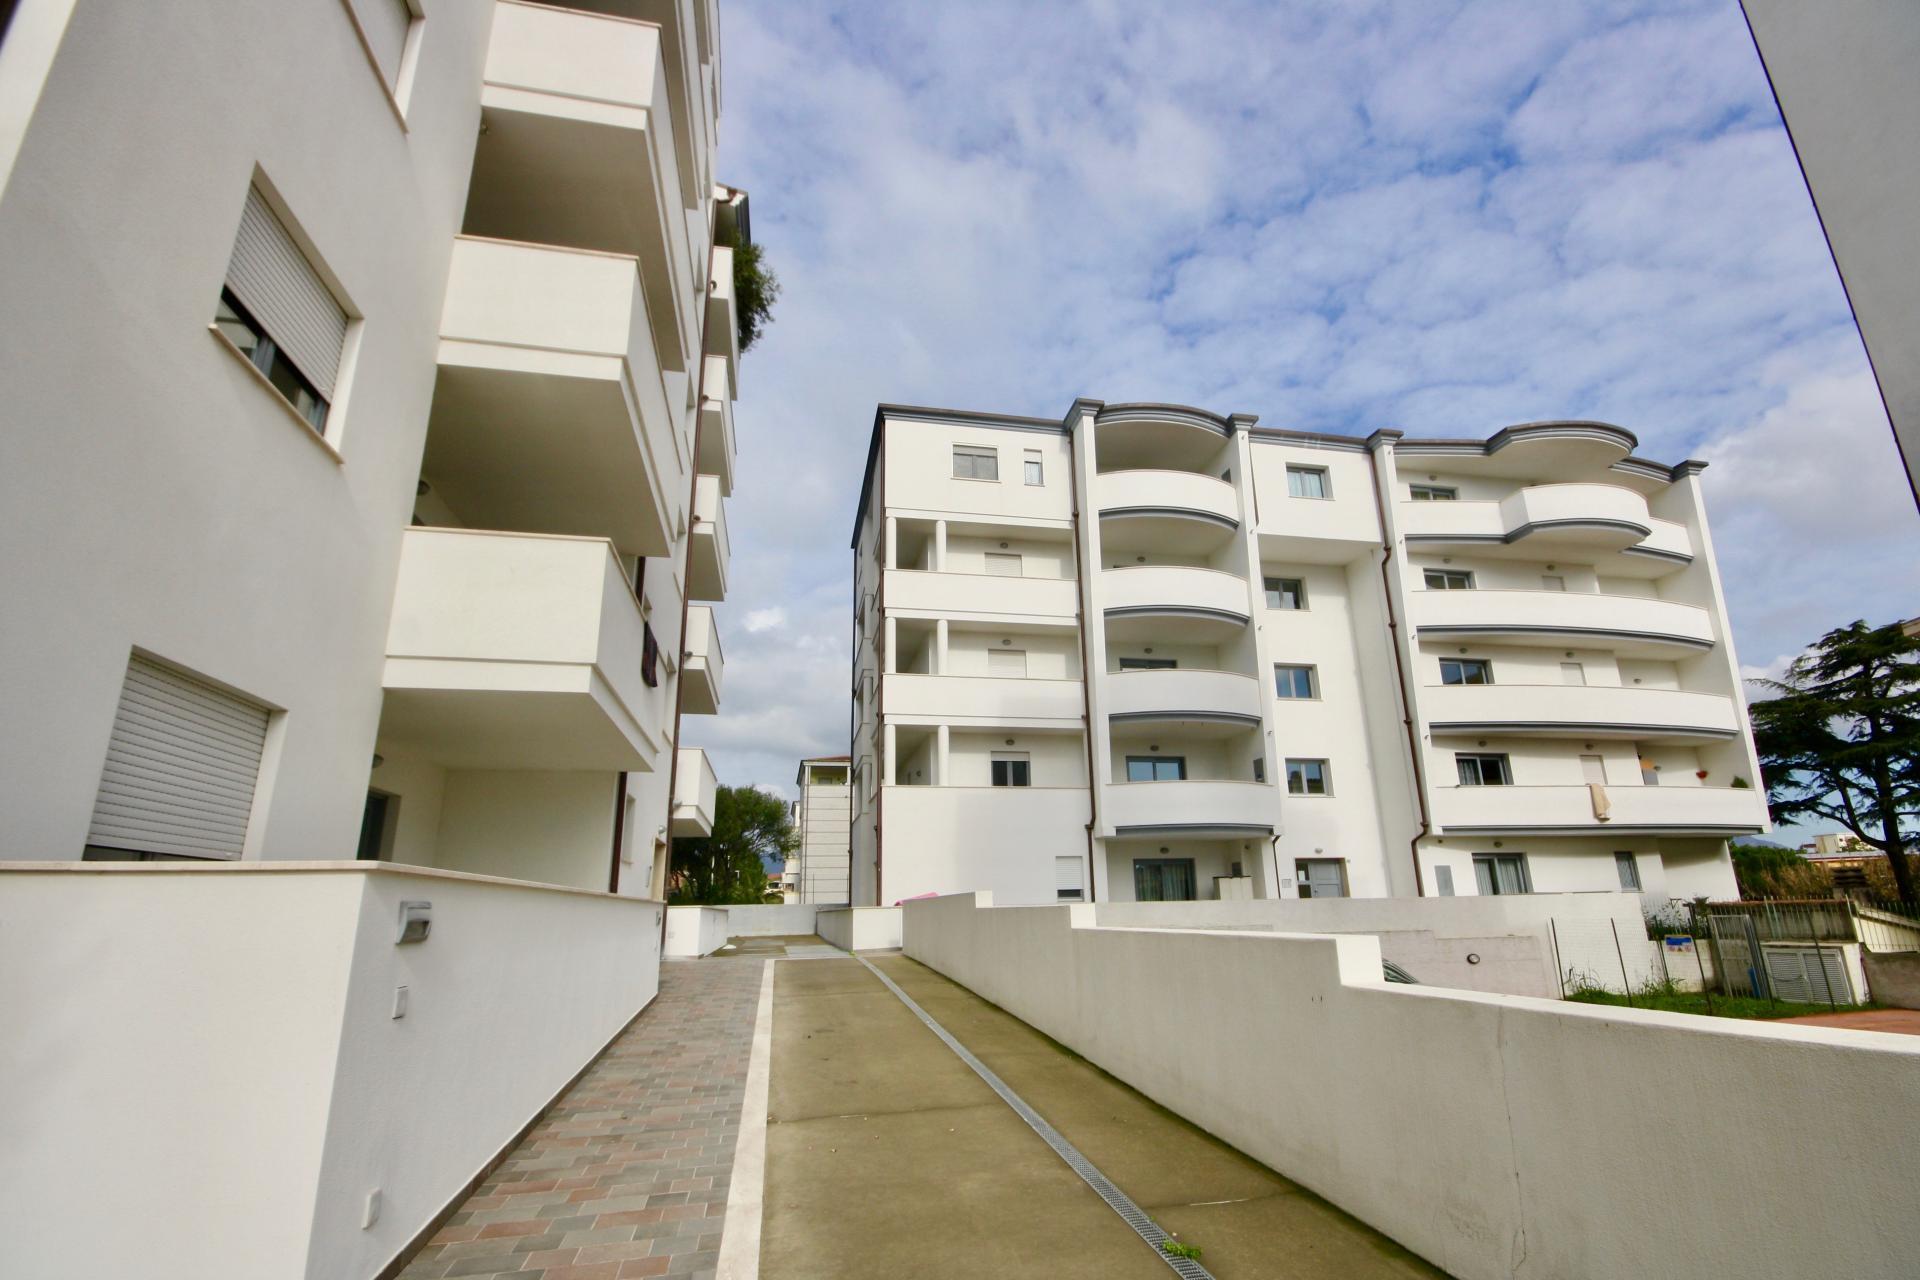 Appartamento in vendita a Olbia - Porto Rotondo, 4 locali, zona Località: Olbiacittà, prezzo € 170.000   CambioCasa.it